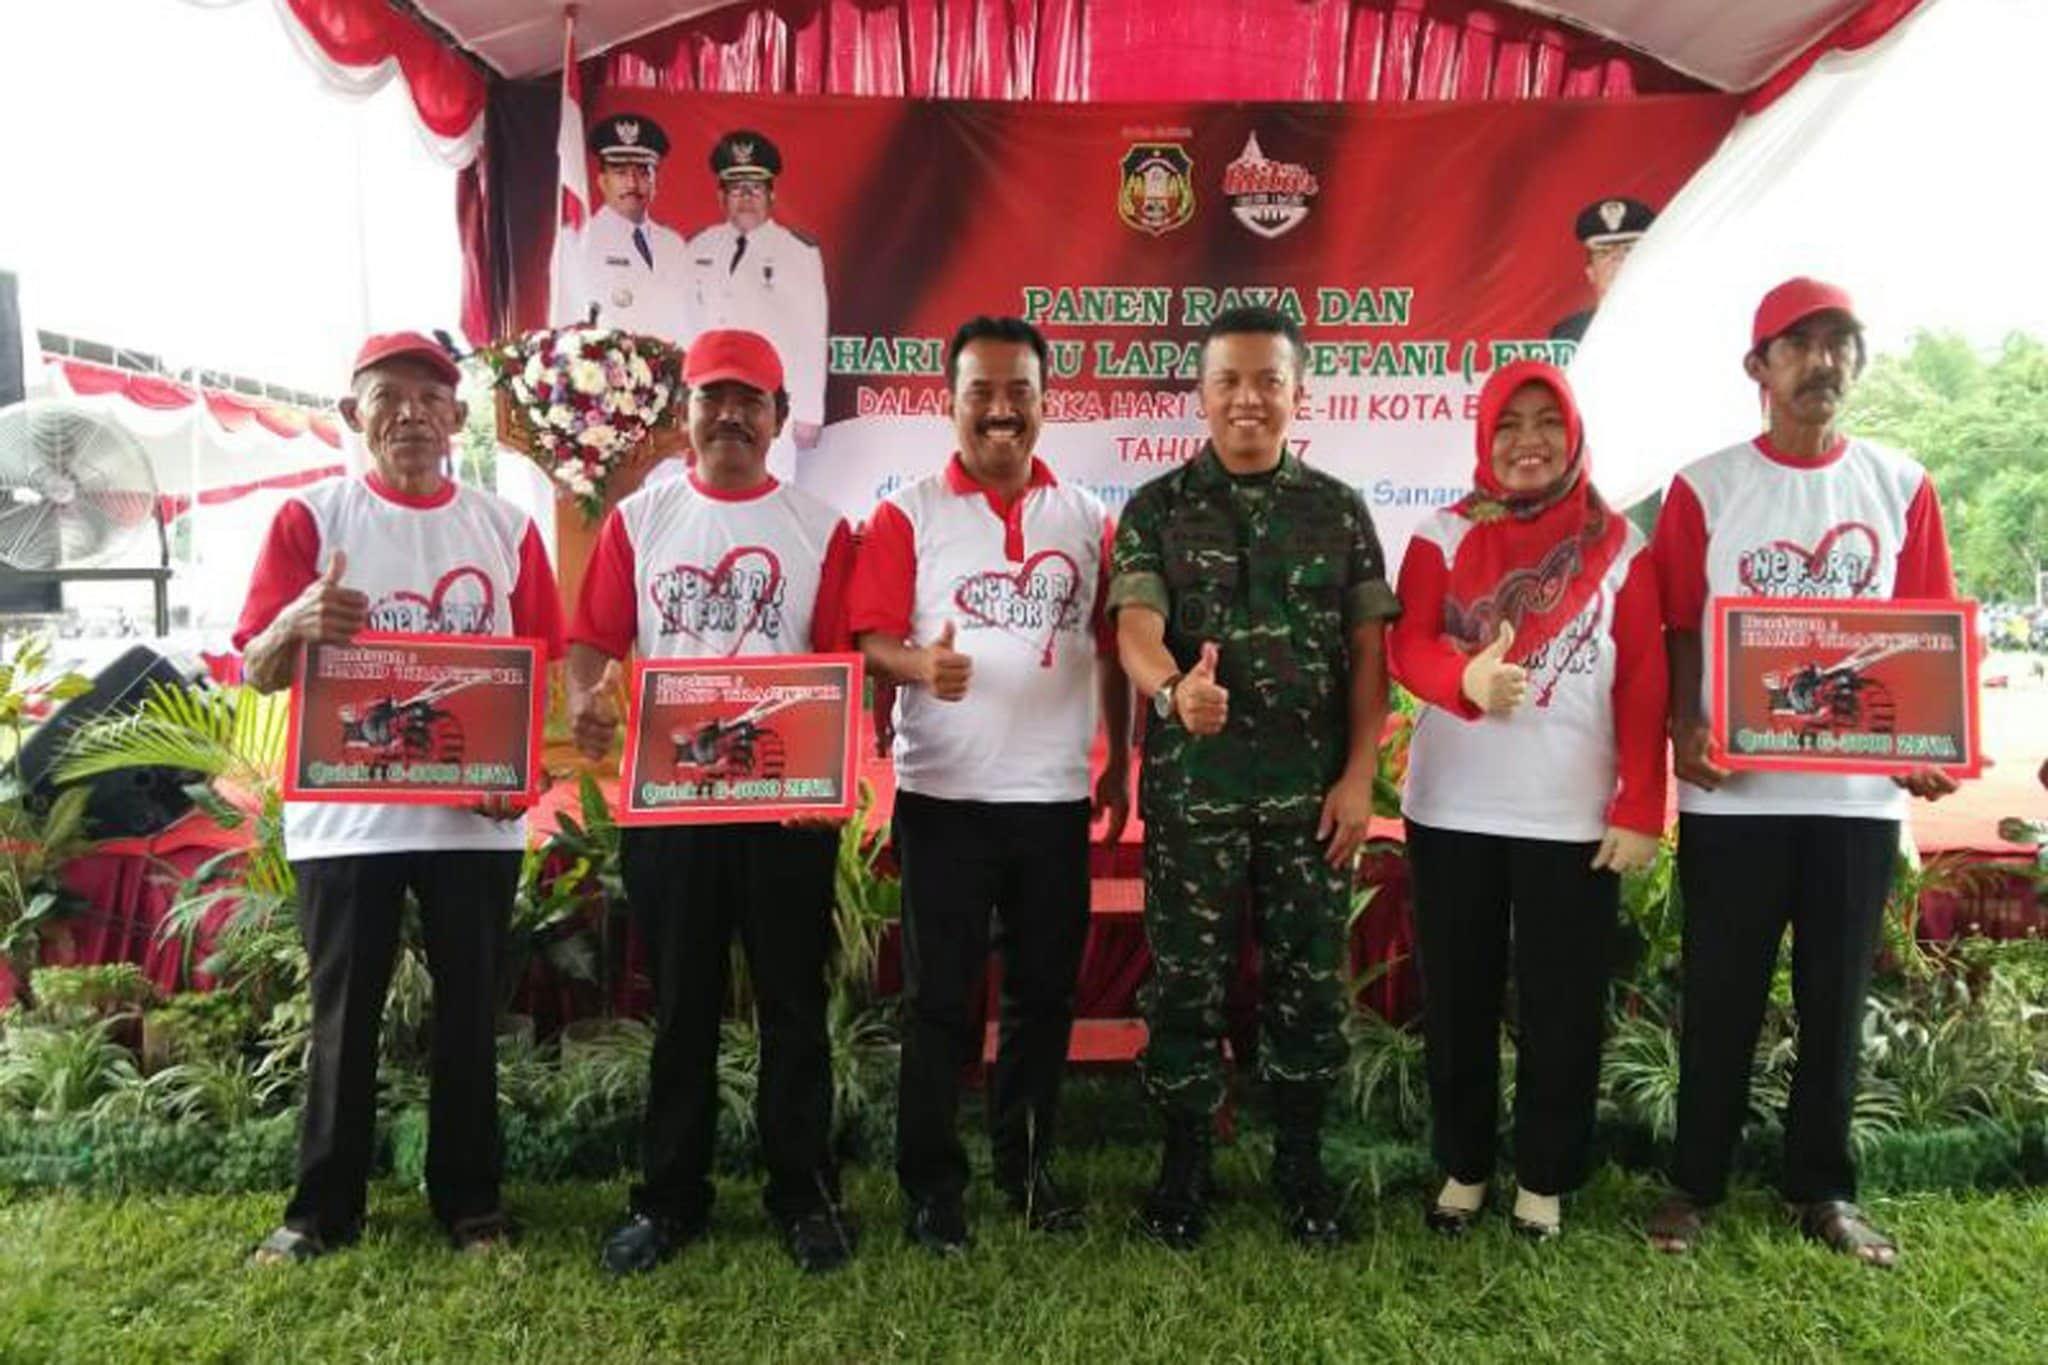 Wujud Sinergitas TNI dan Dinas Pertanian Blitar, Gelar Panen Raya Padi